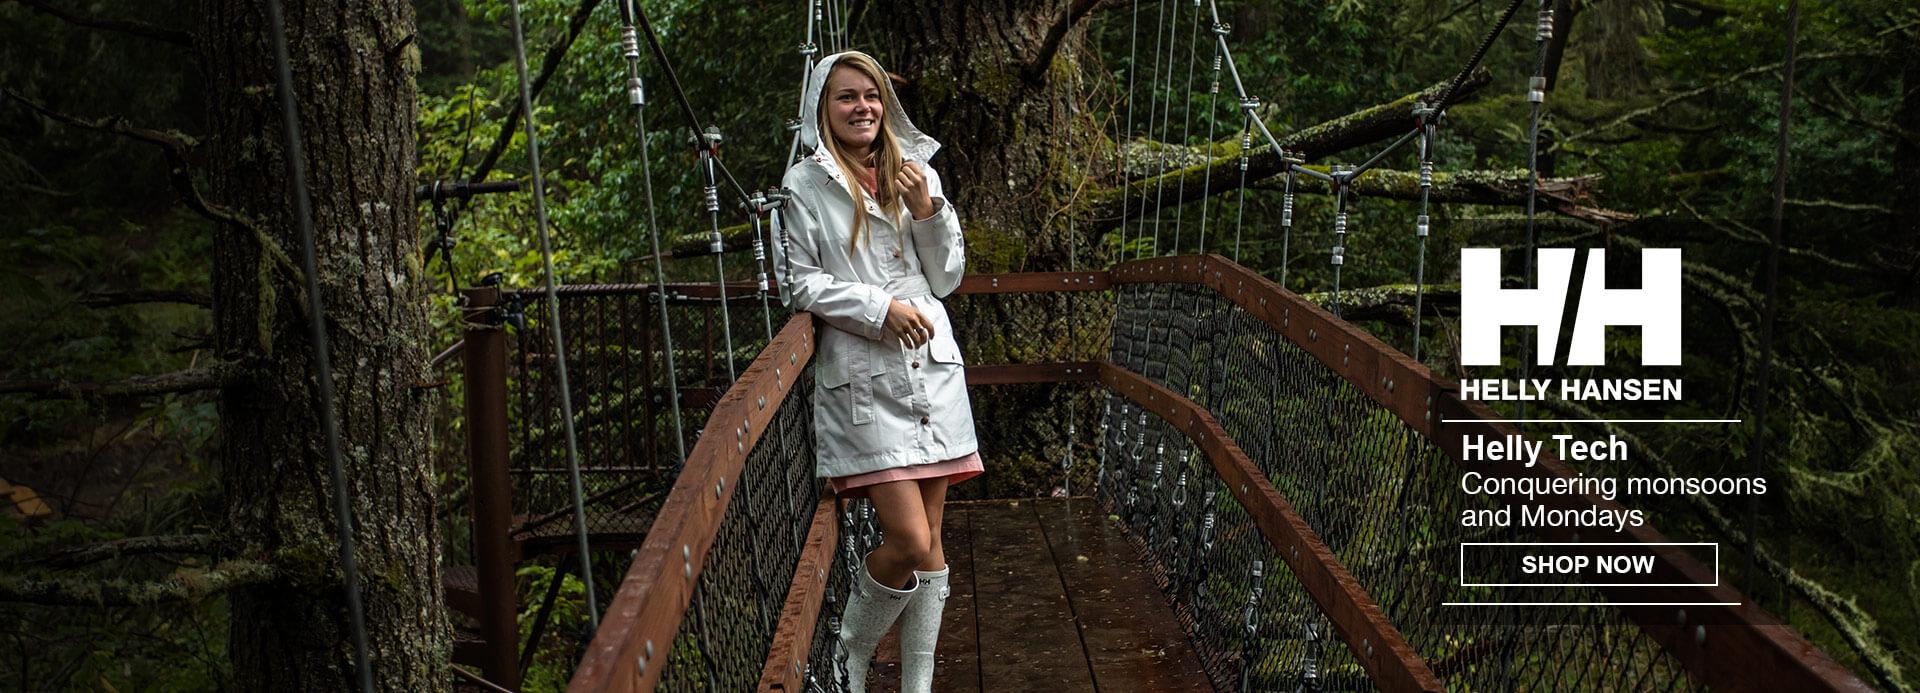 Helly Hansen Rain in Outdoor Recreation on Amazon.com